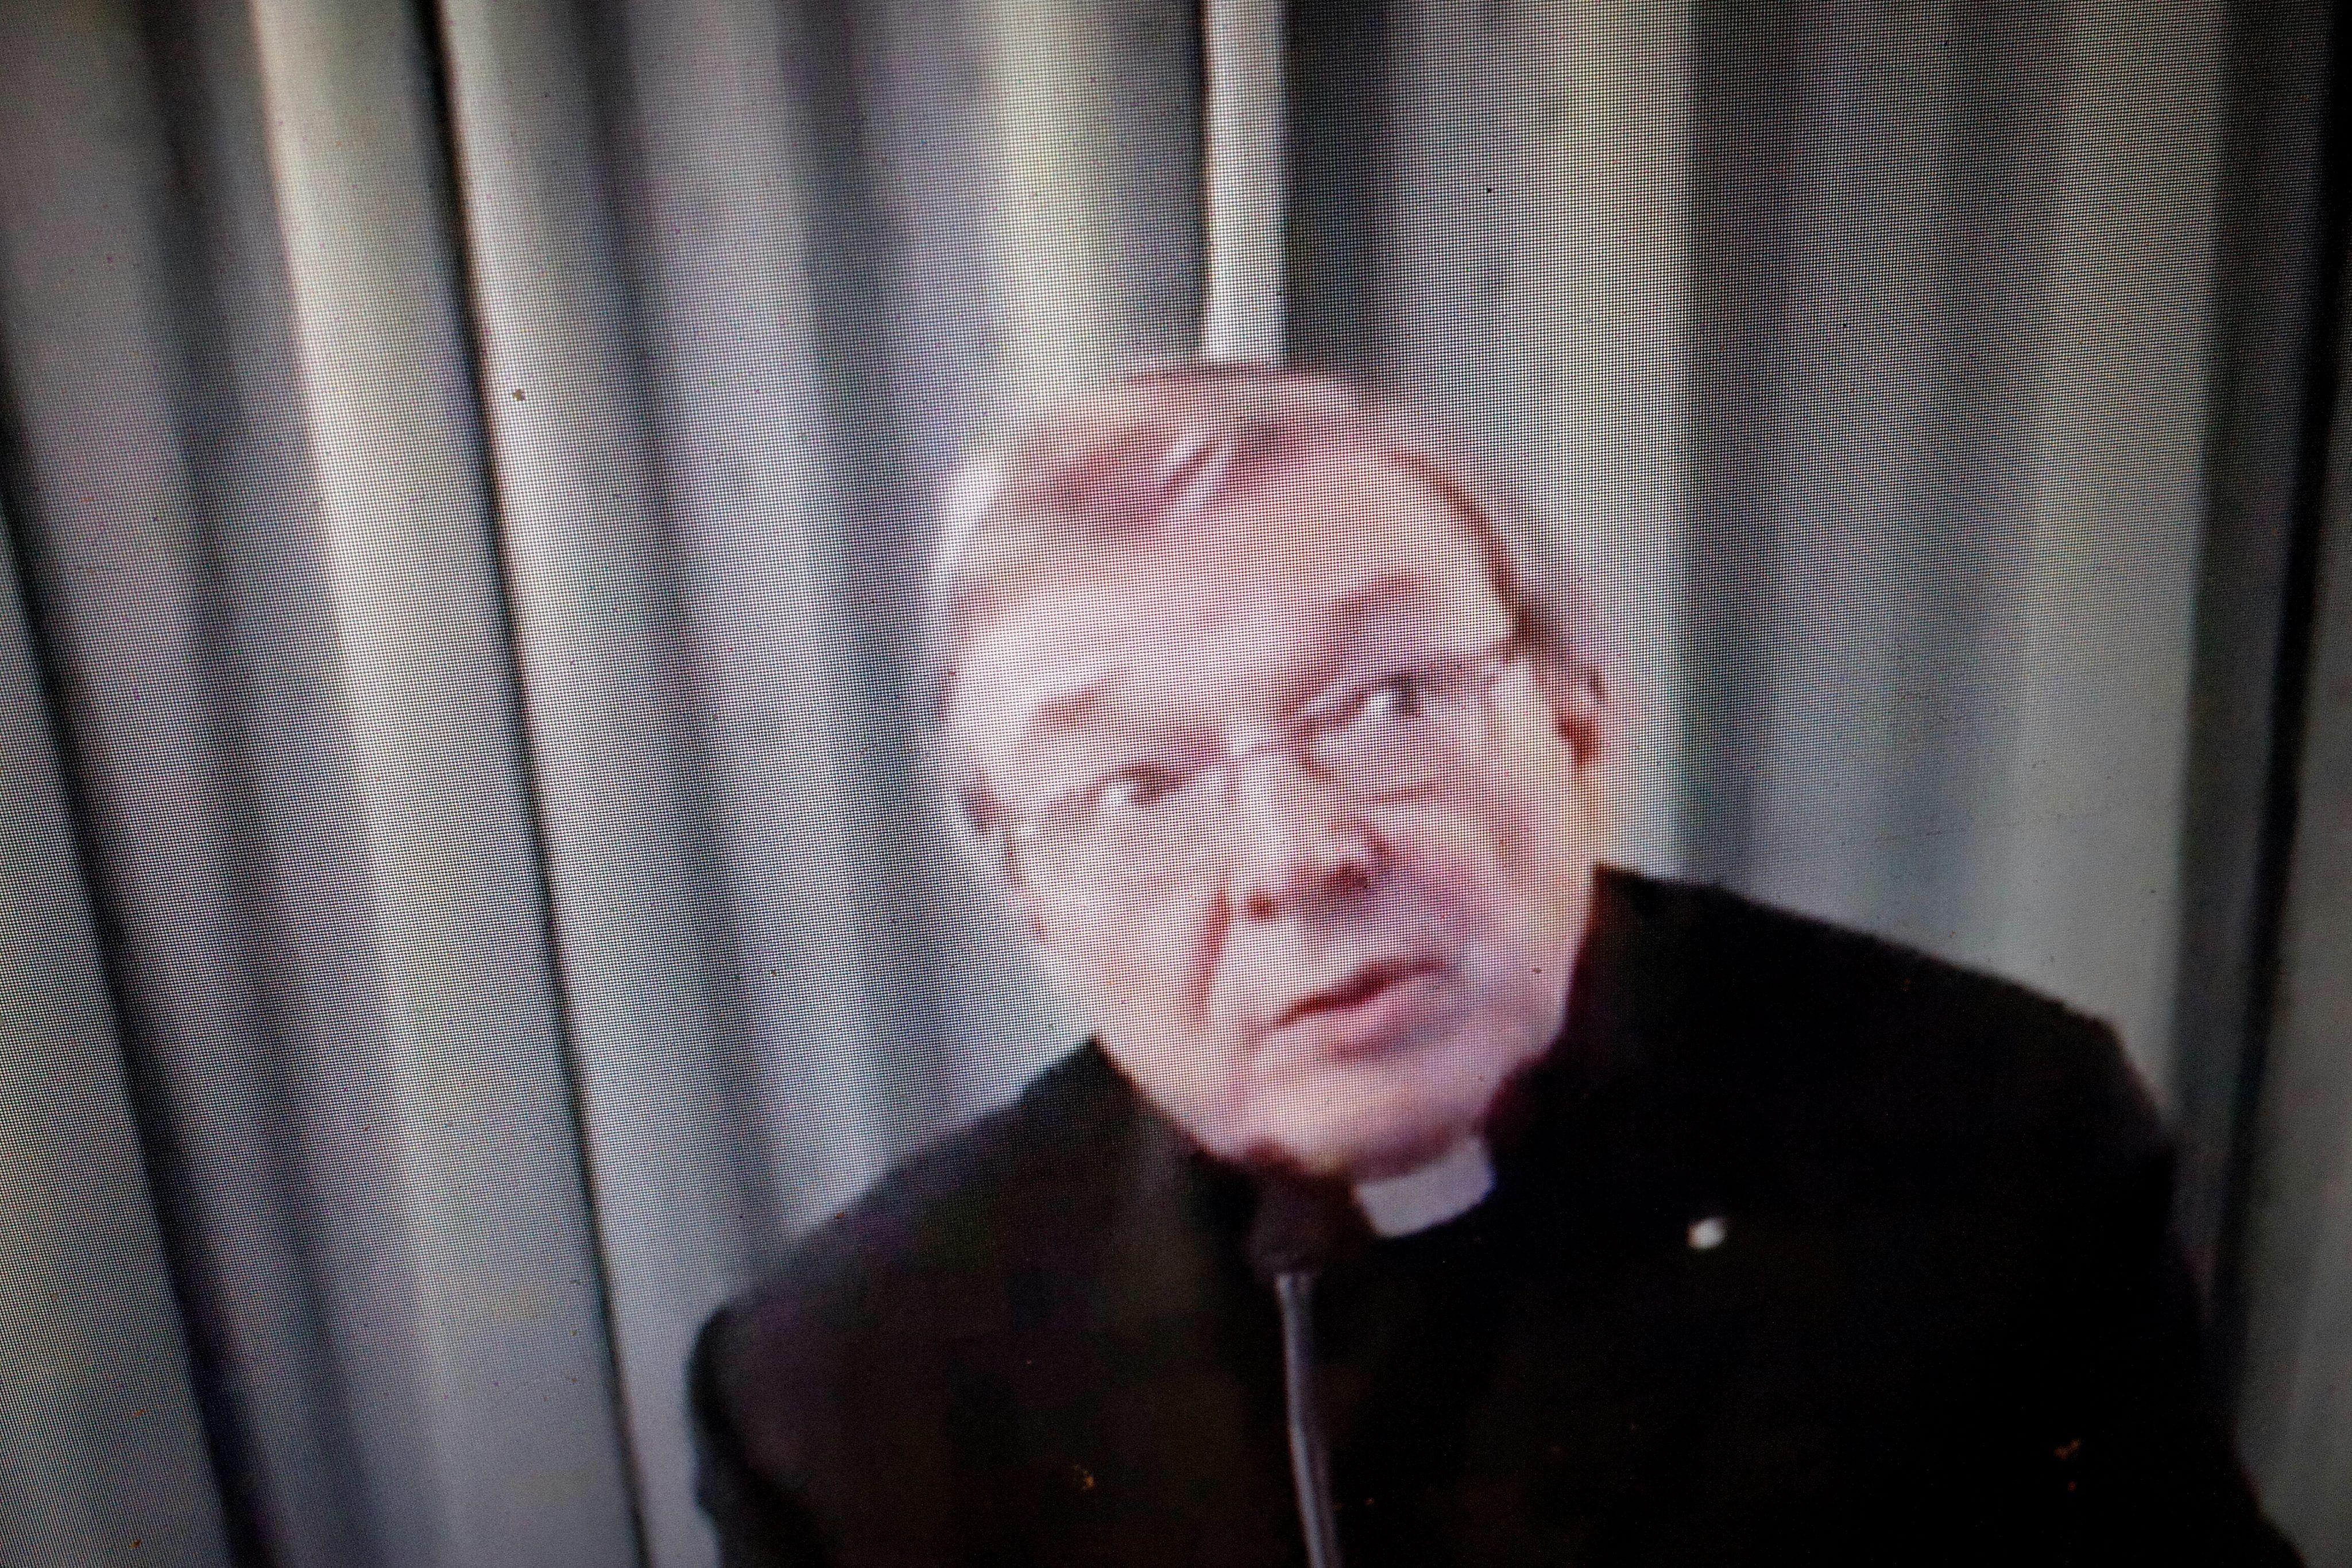 Tras el pedido en los Oscar, el Papa recibió a un cardenal que admitió abusos